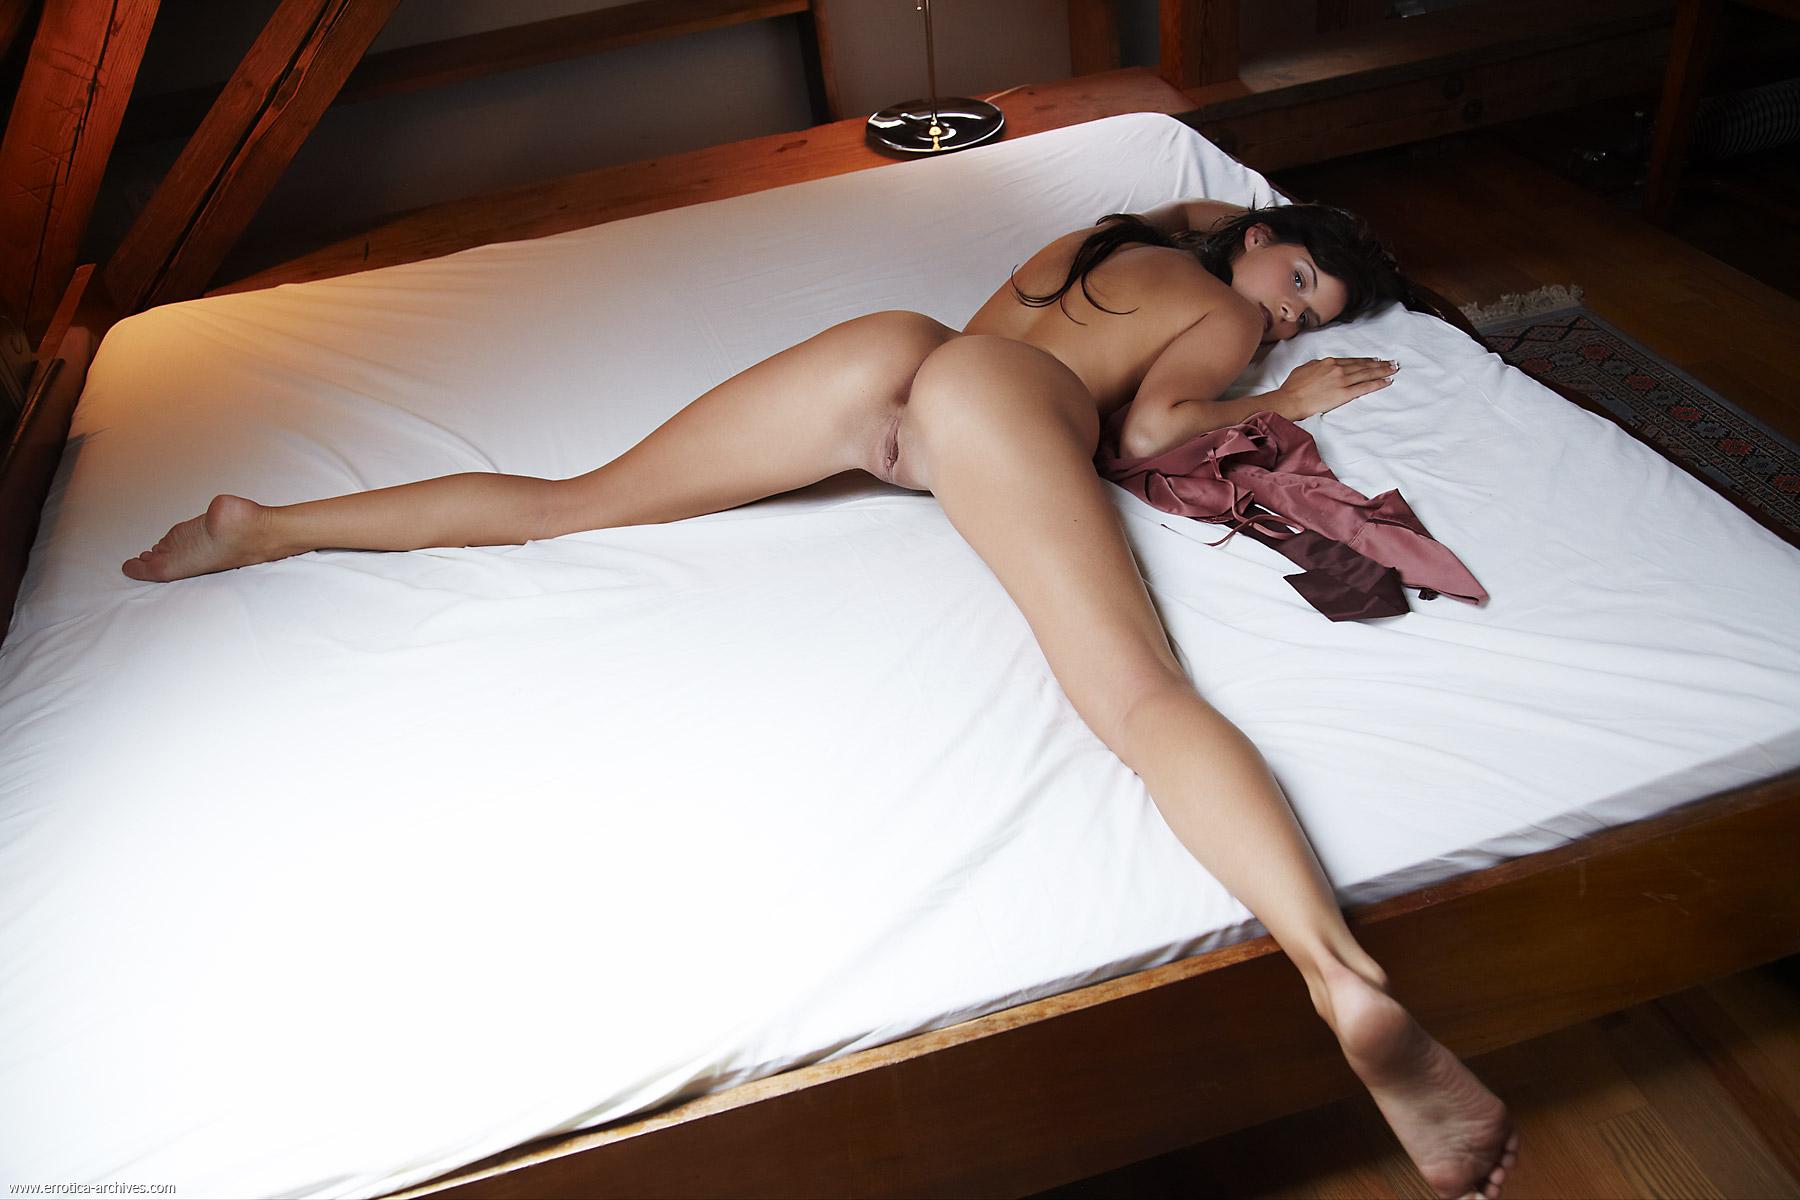 Читать порно рассказы бесплатно эротические и секс